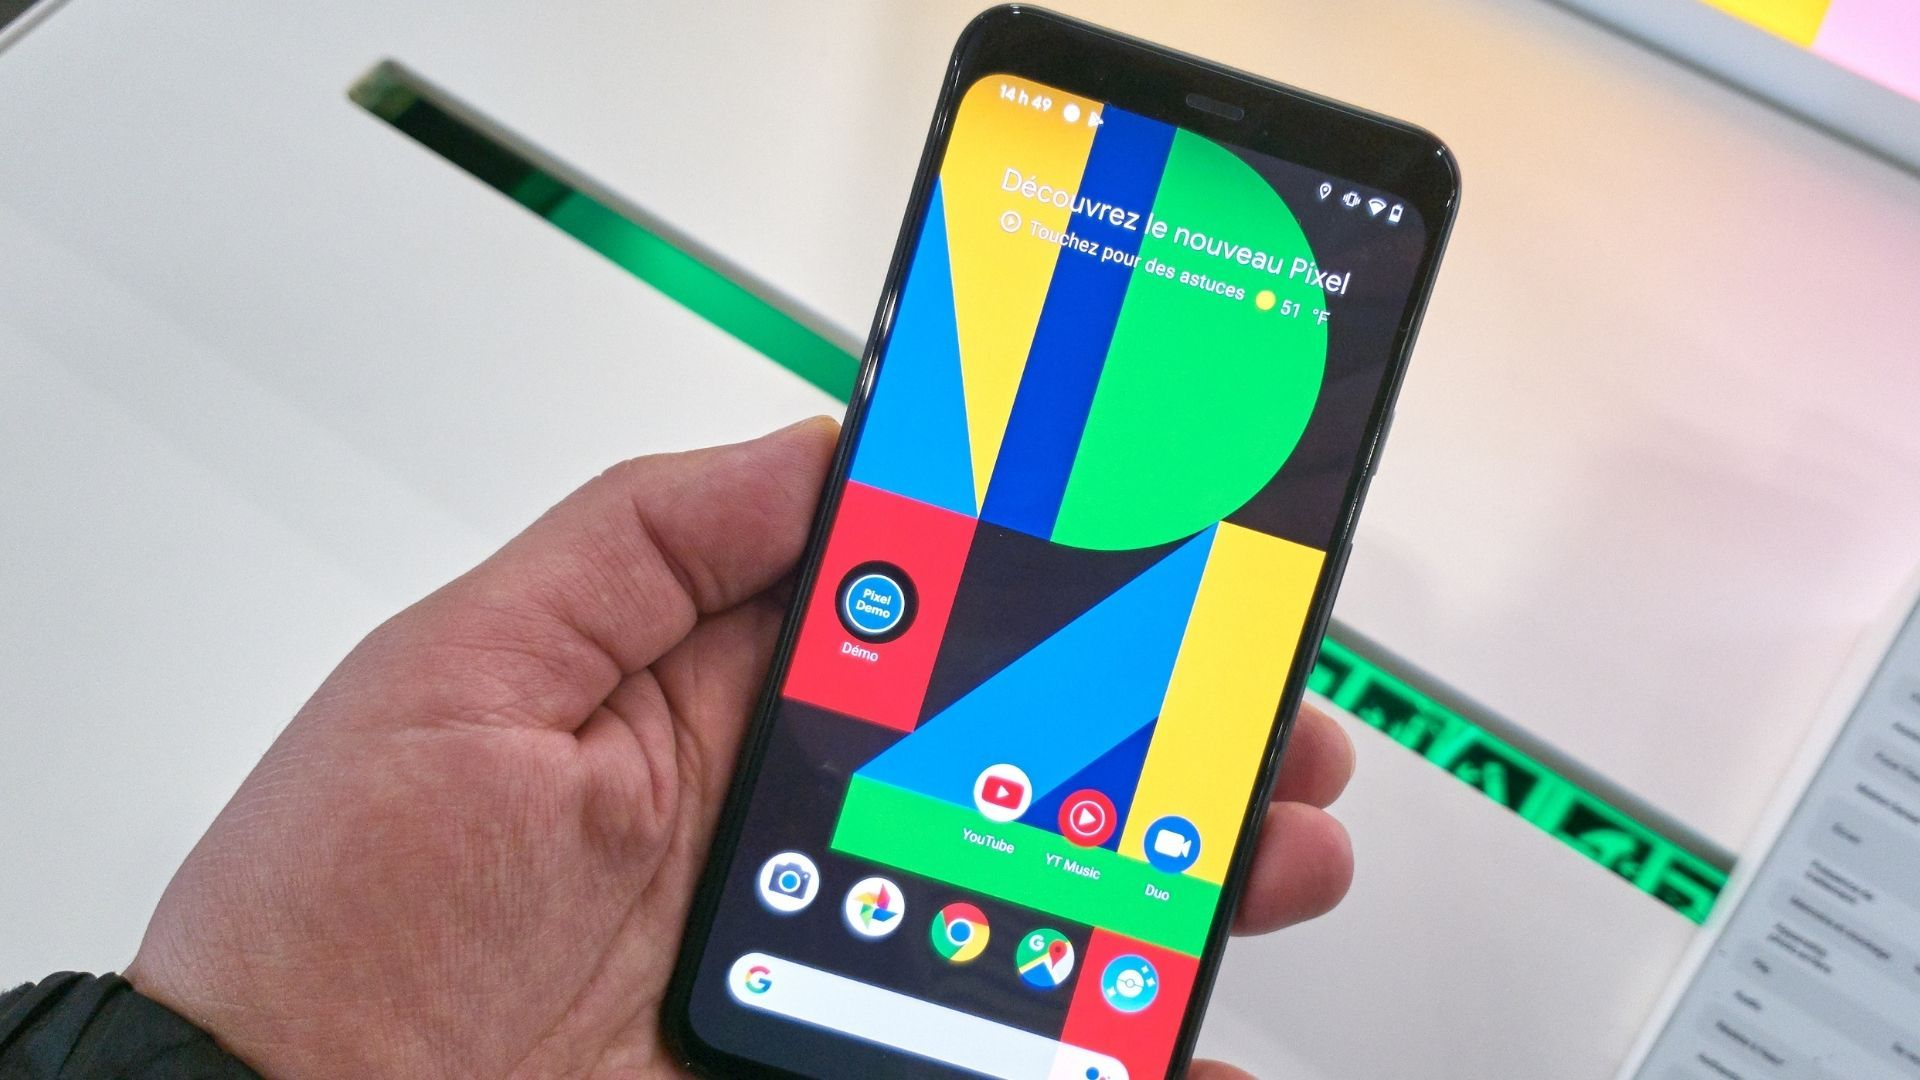 Celular Google Pixel 4 na mão de uma pessoa com tela ligada